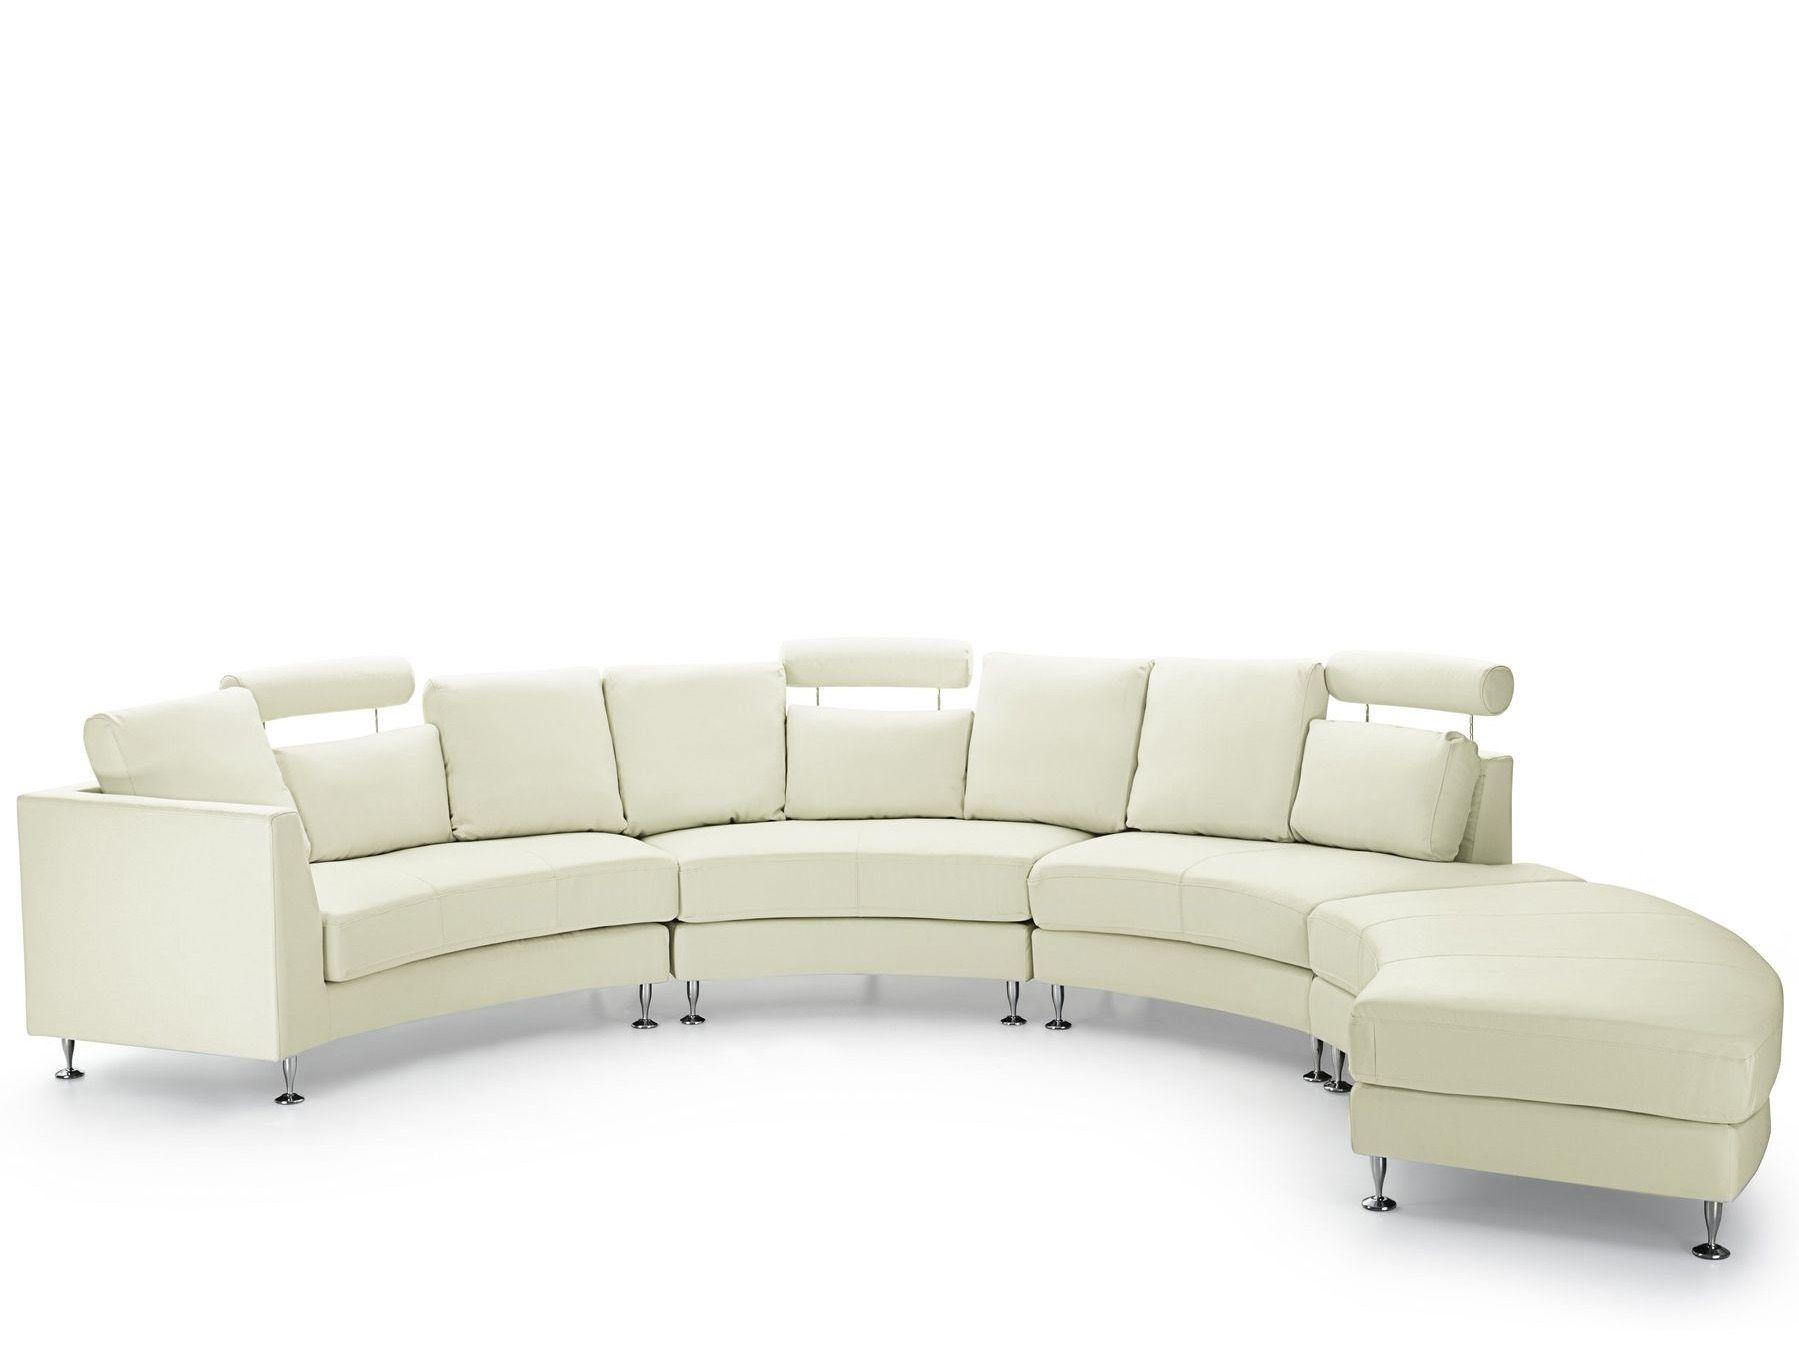 Full Size of Halbrundes Sofa Klein Ikea Ebay Samt Halbrunde Couch Schwarz Rot Im Klassischen Stil Big Gebraucht Beziehen Reinigen Mit Relaxfunktion Elektrisch Landhaus Sofa Halbrundes Sofa